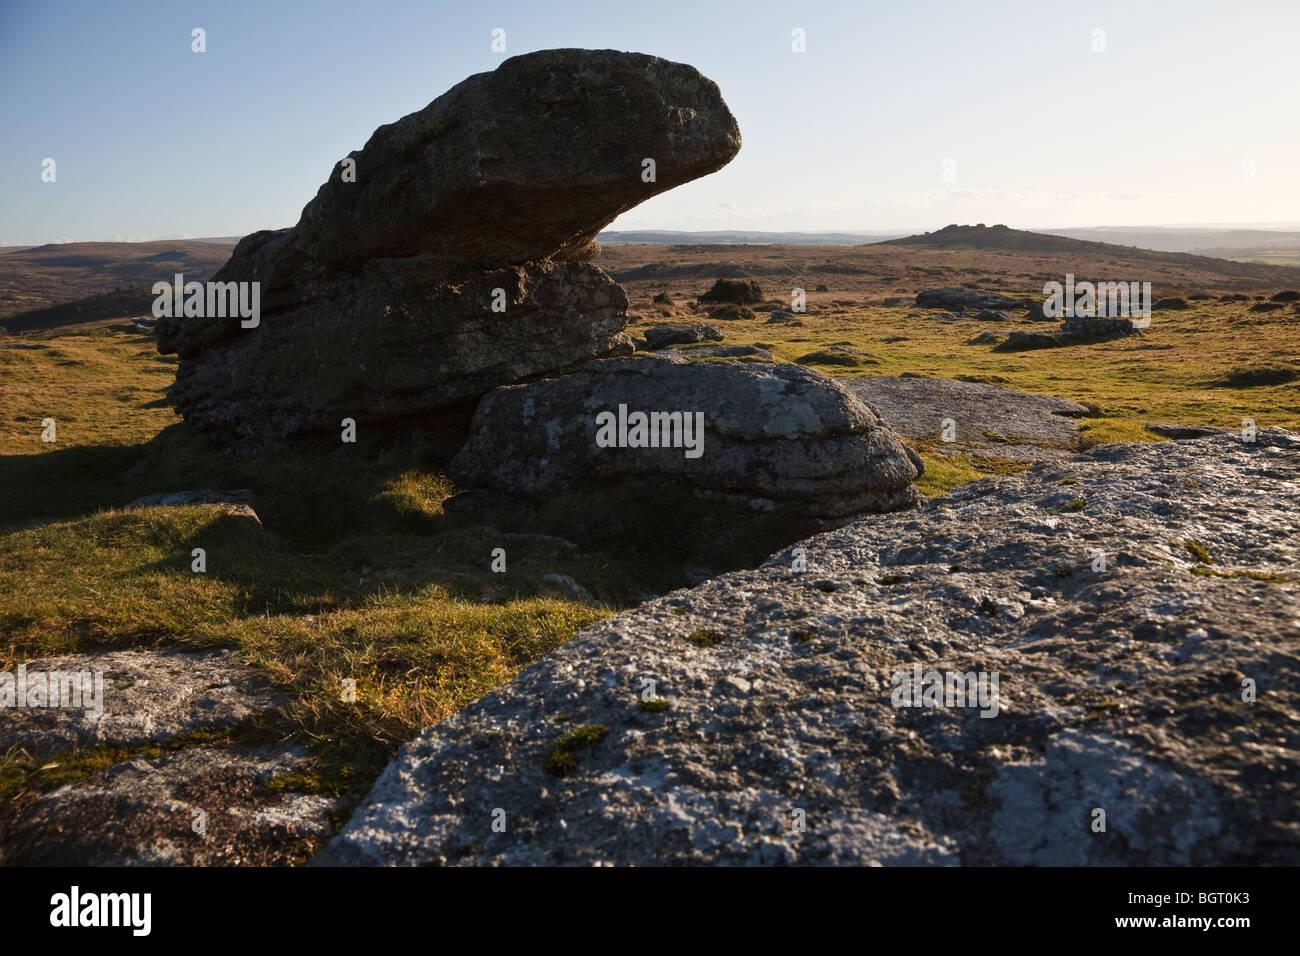 Bloques de granito en Whitchurch común y vista hacia Heckwood Tor, Dartmoor. Imagen De Stock